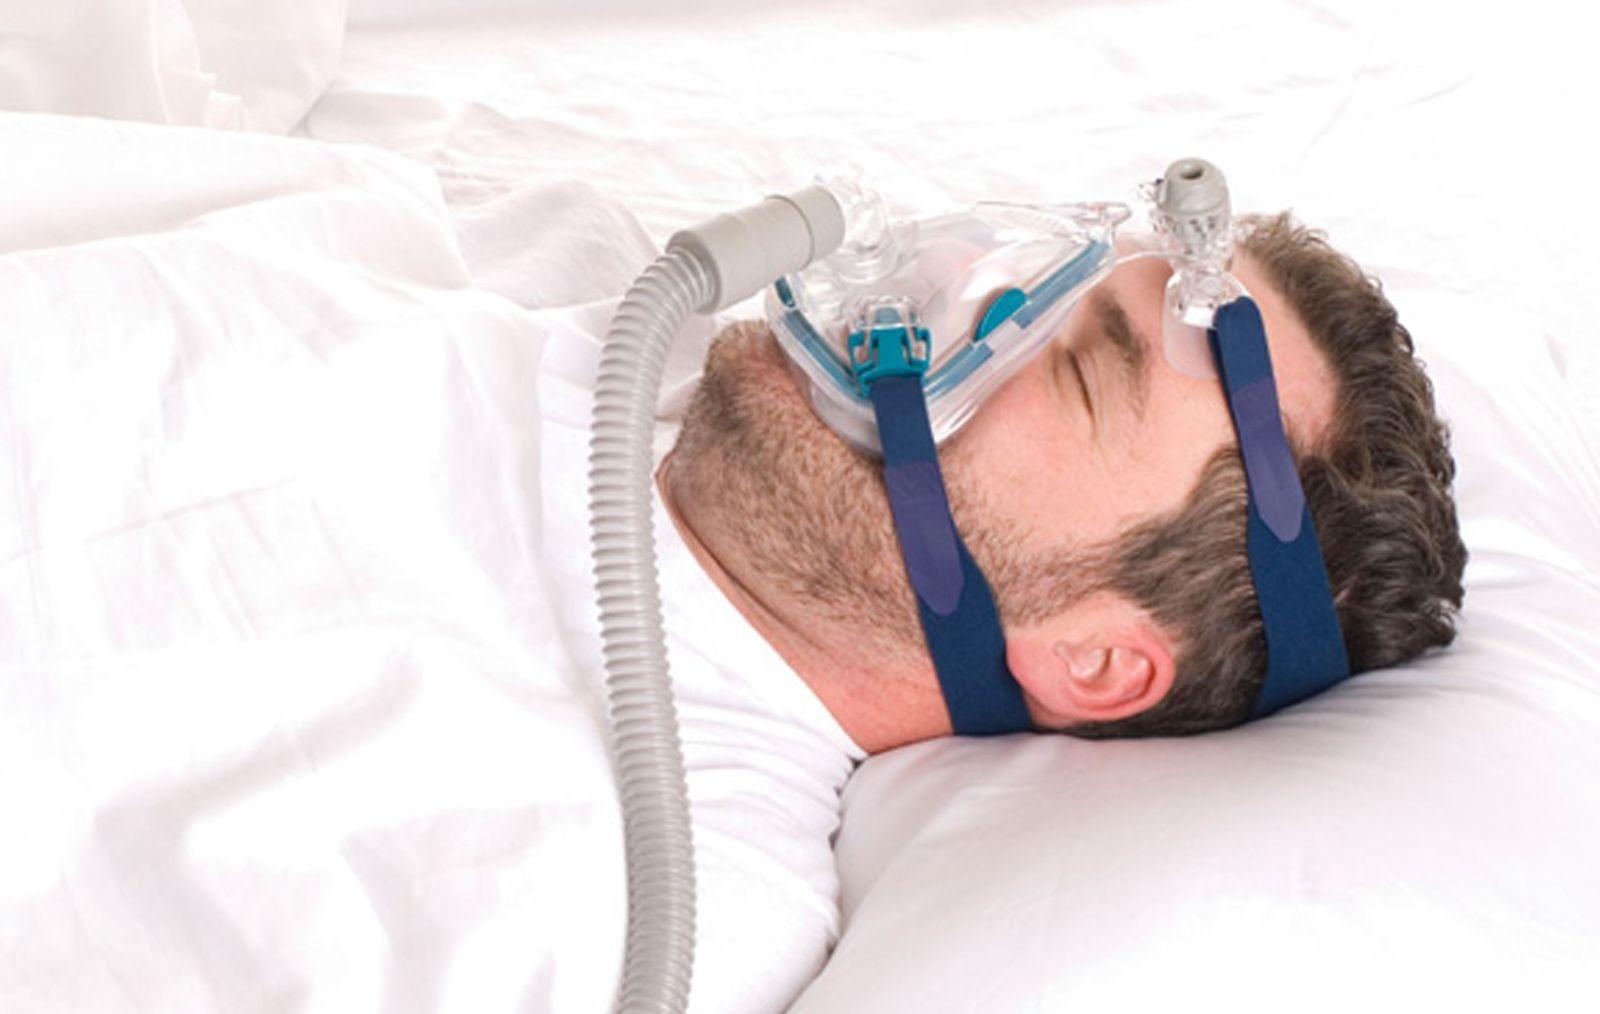 homme portant un appareil à pression positive continue pour l'apnée du sommeil